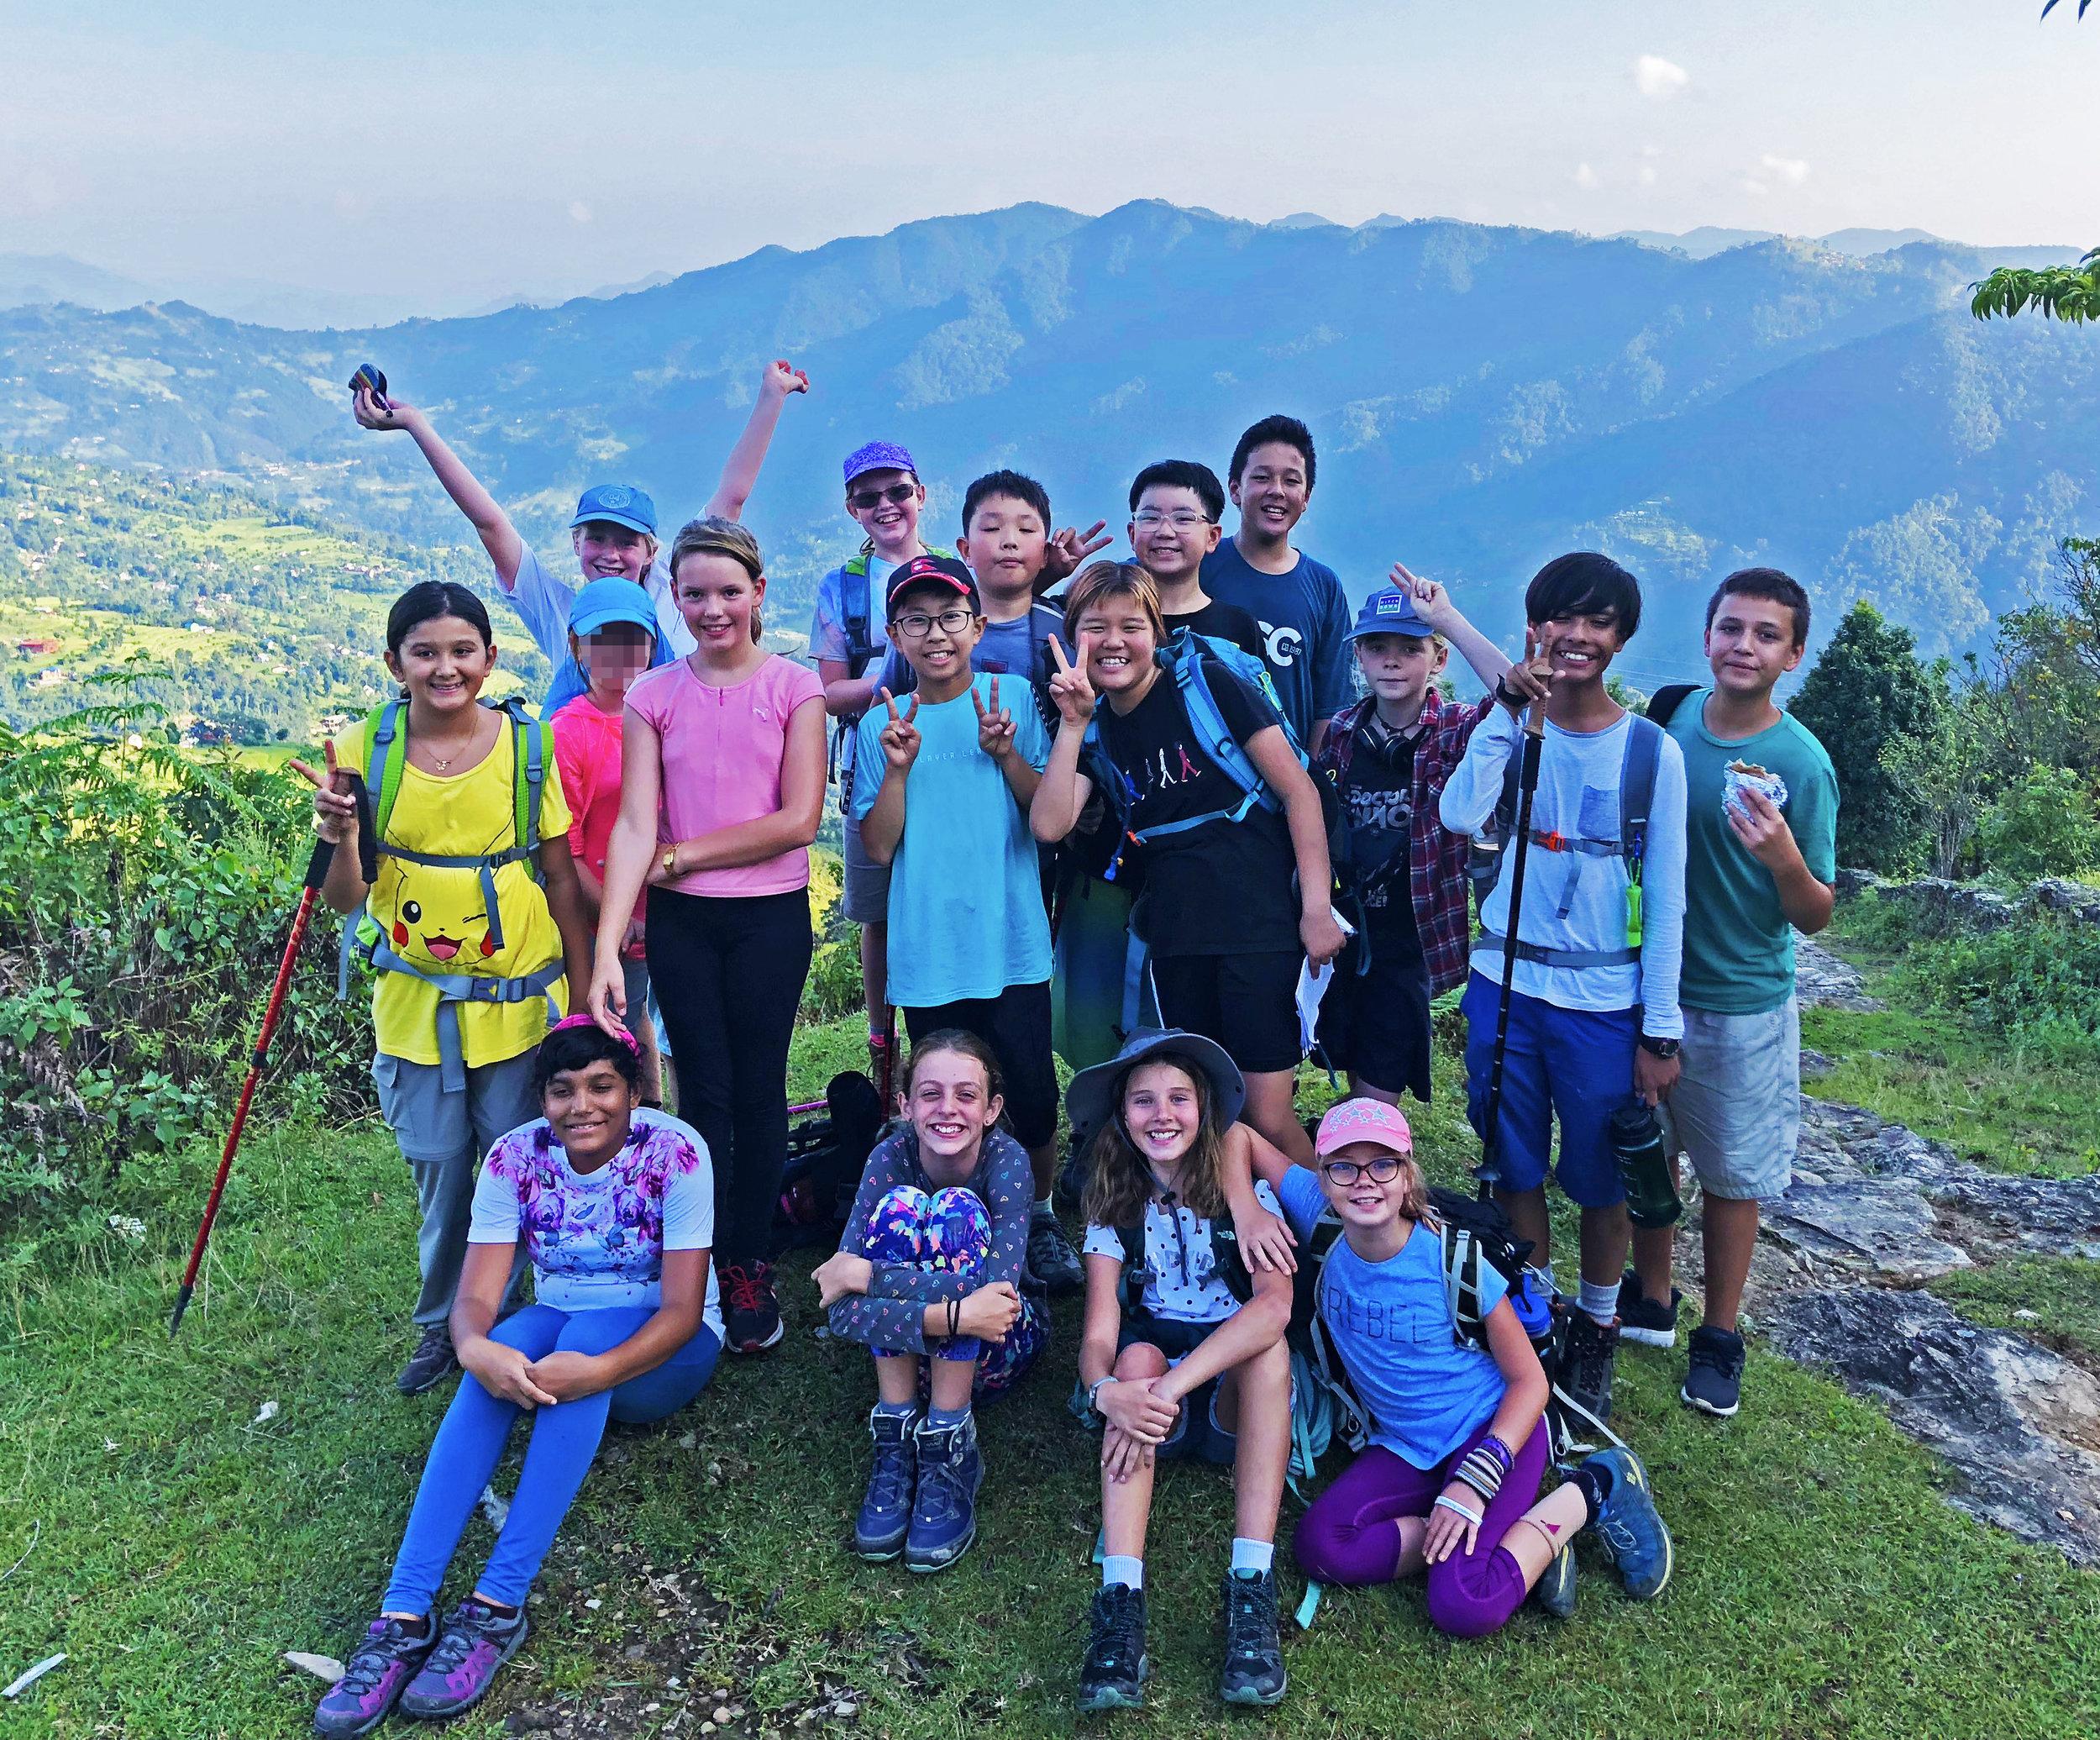 Grade 6 edited trek photo.jpg